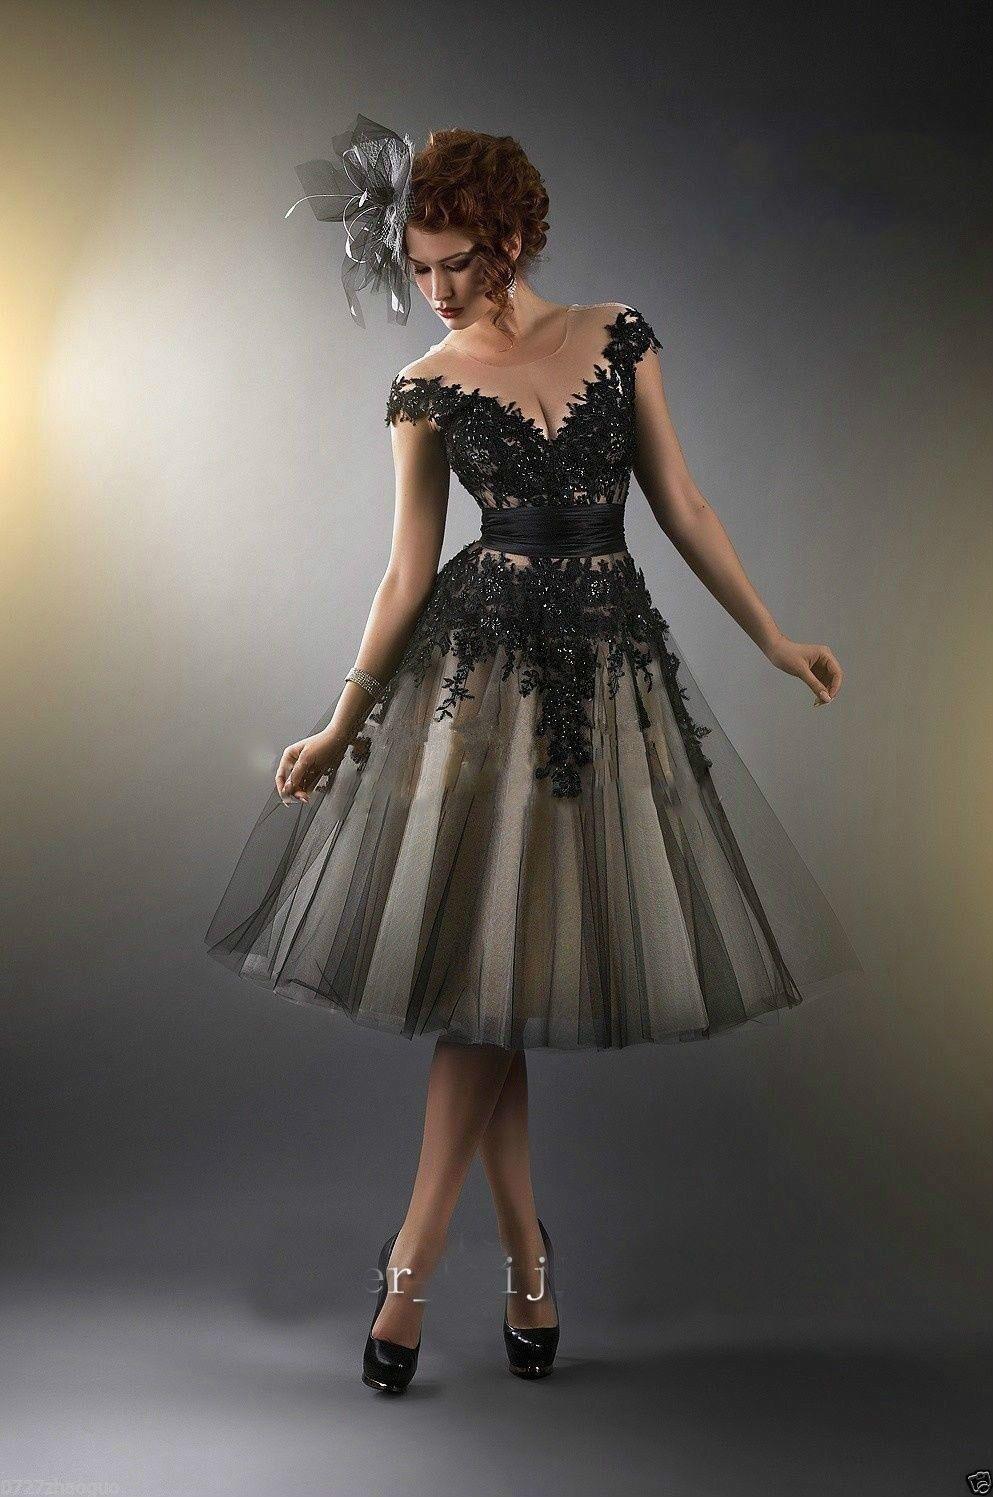 Designer Einzigartig Abendkleider Kurz Elegant Günstig Stylish10 Cool Abendkleider Kurz Elegant Günstig Ärmel